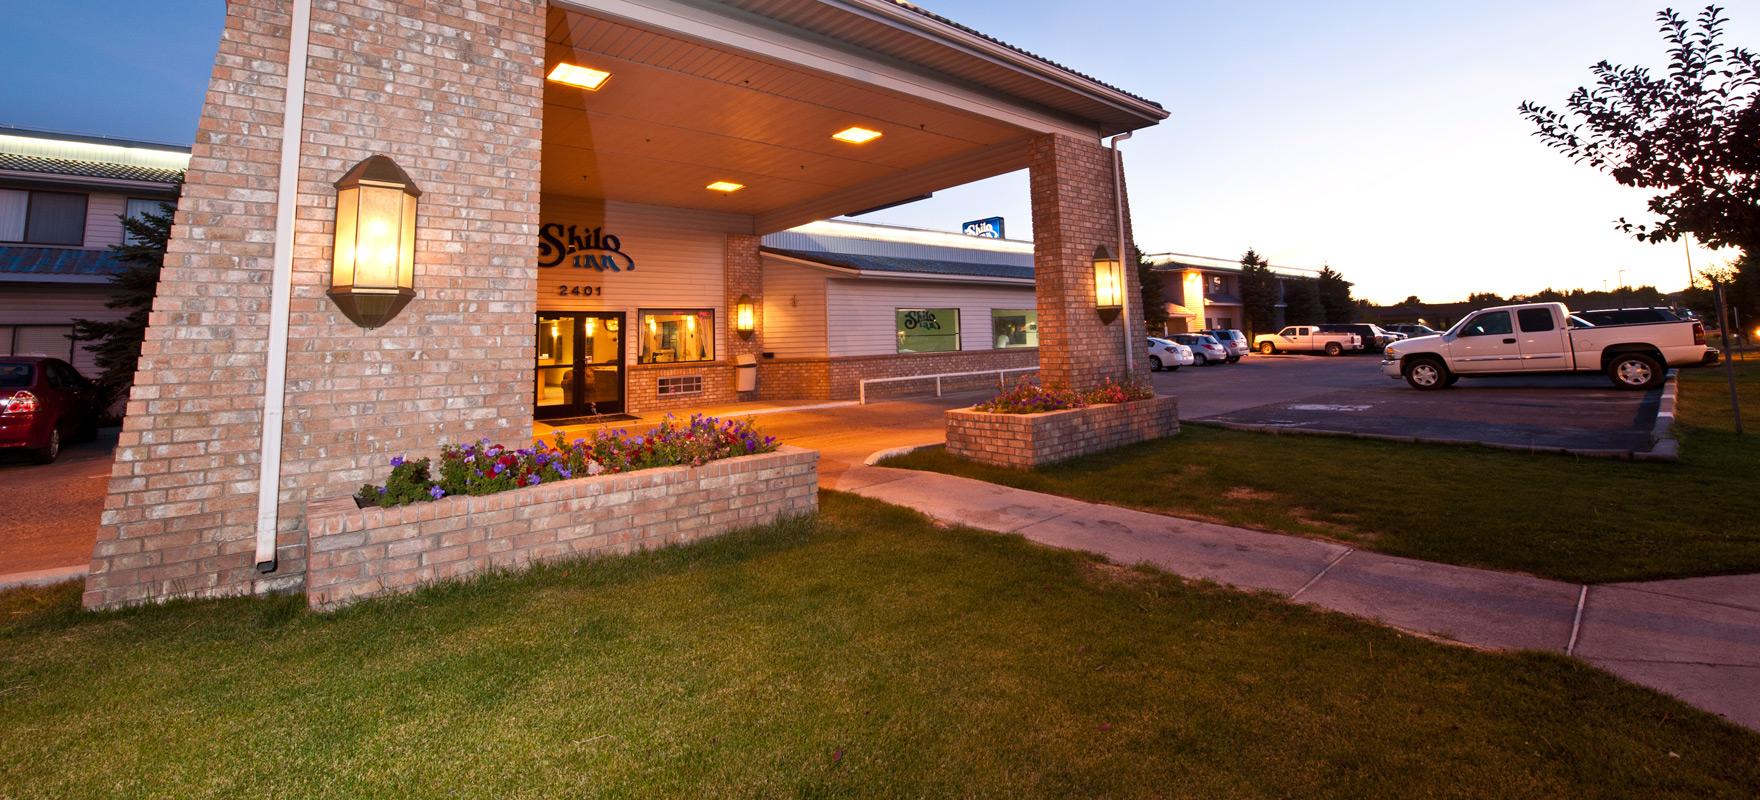 Shilo Inns Suites Hotels Elko Nevada